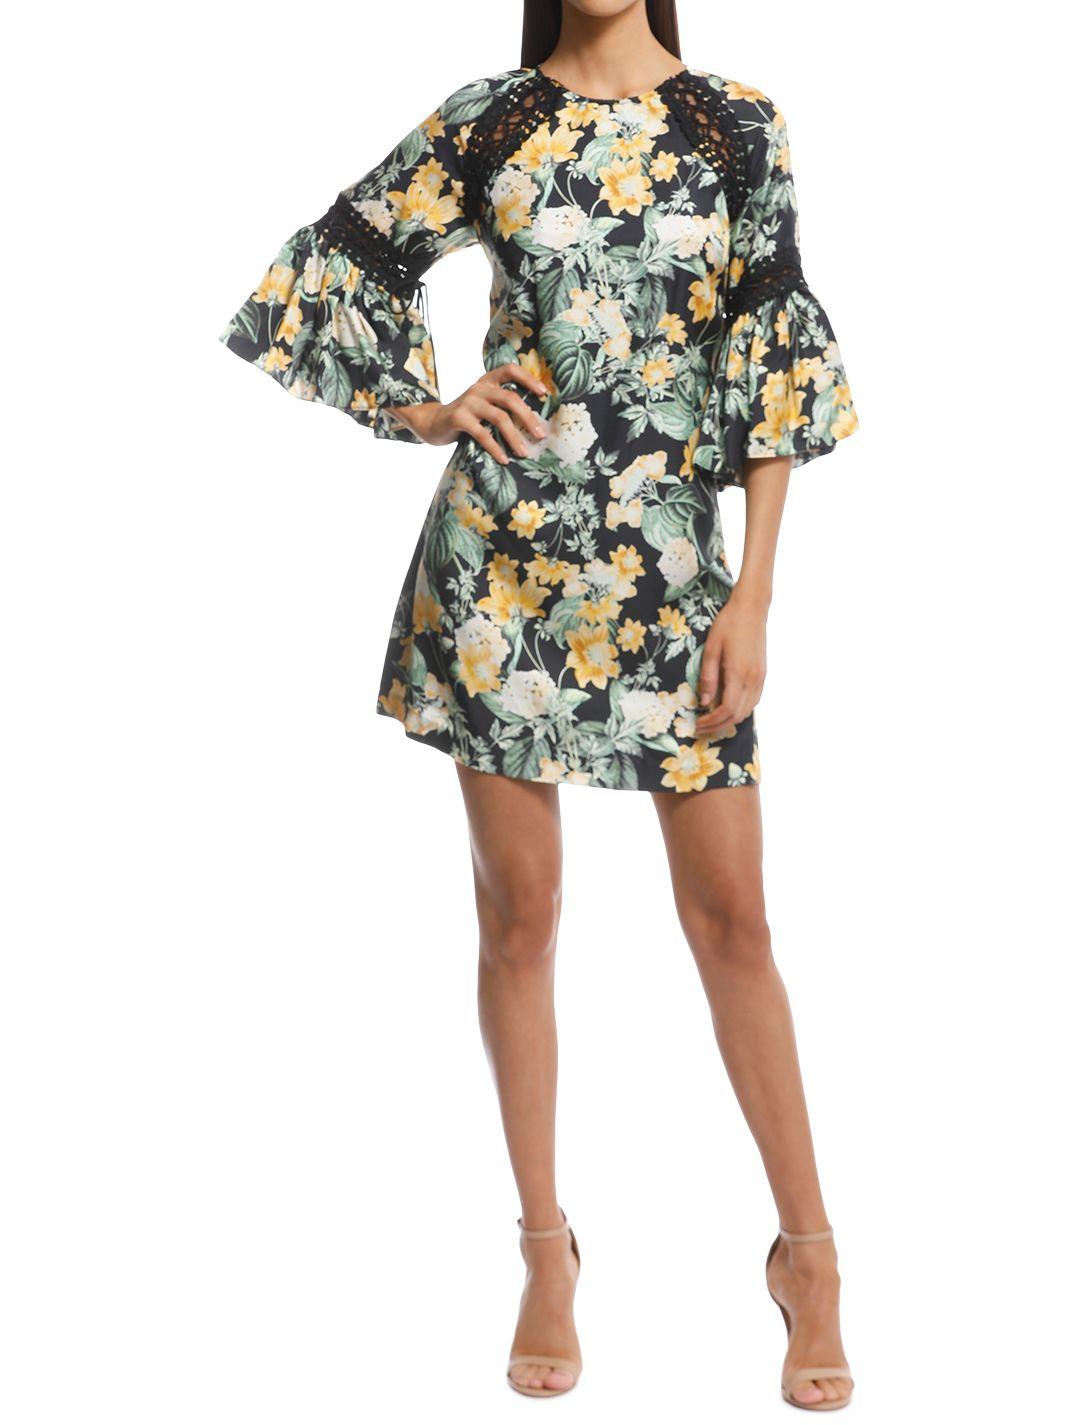 Thurley - Golden Fields Print Dress - Print - Front